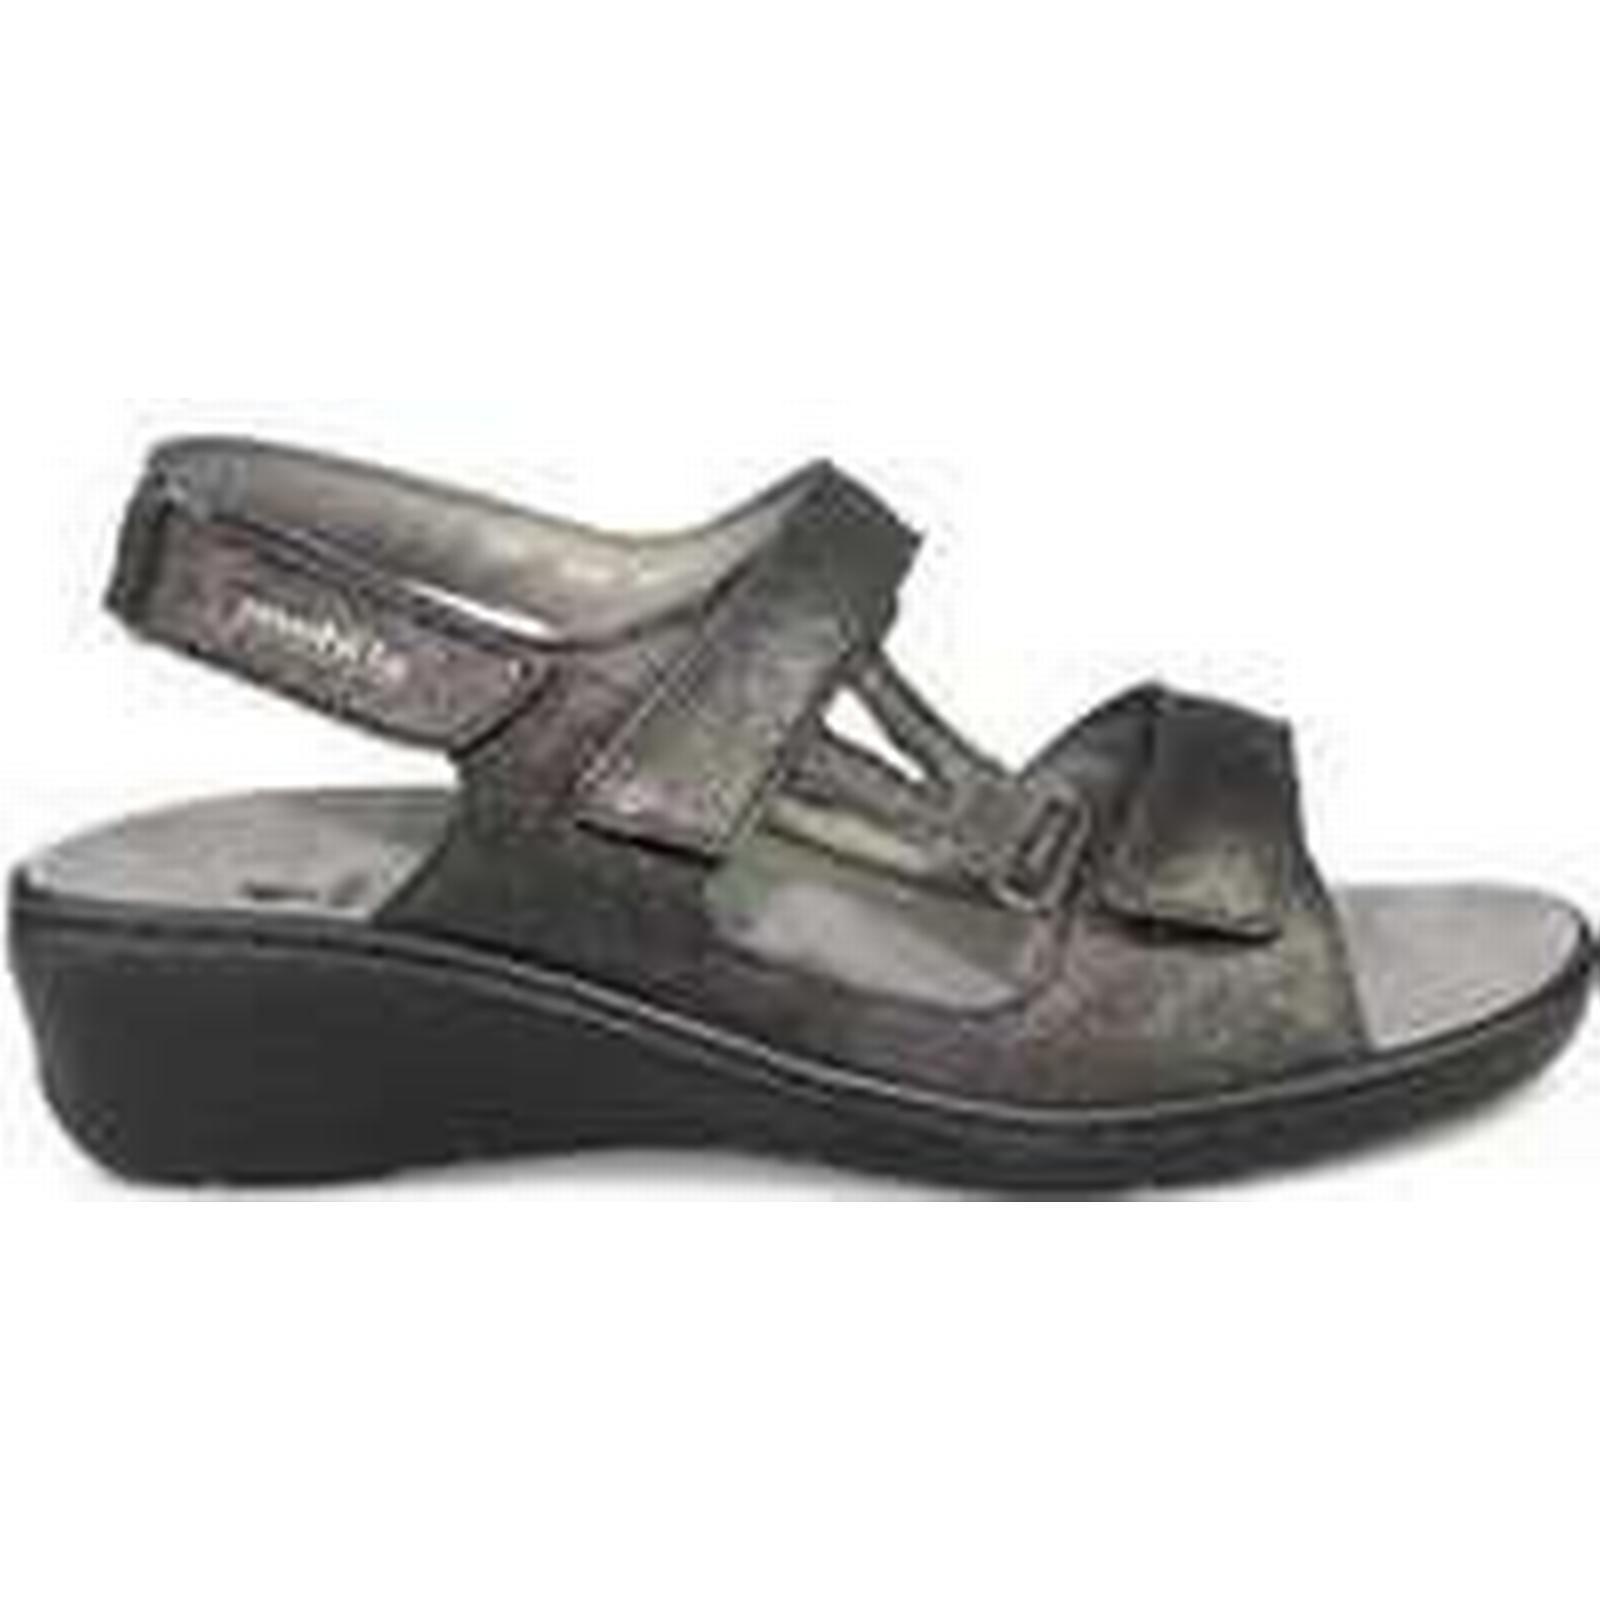 Spartoo.co.uk Mephisto JASMINE women's in Sandals in women's Black f42cd6